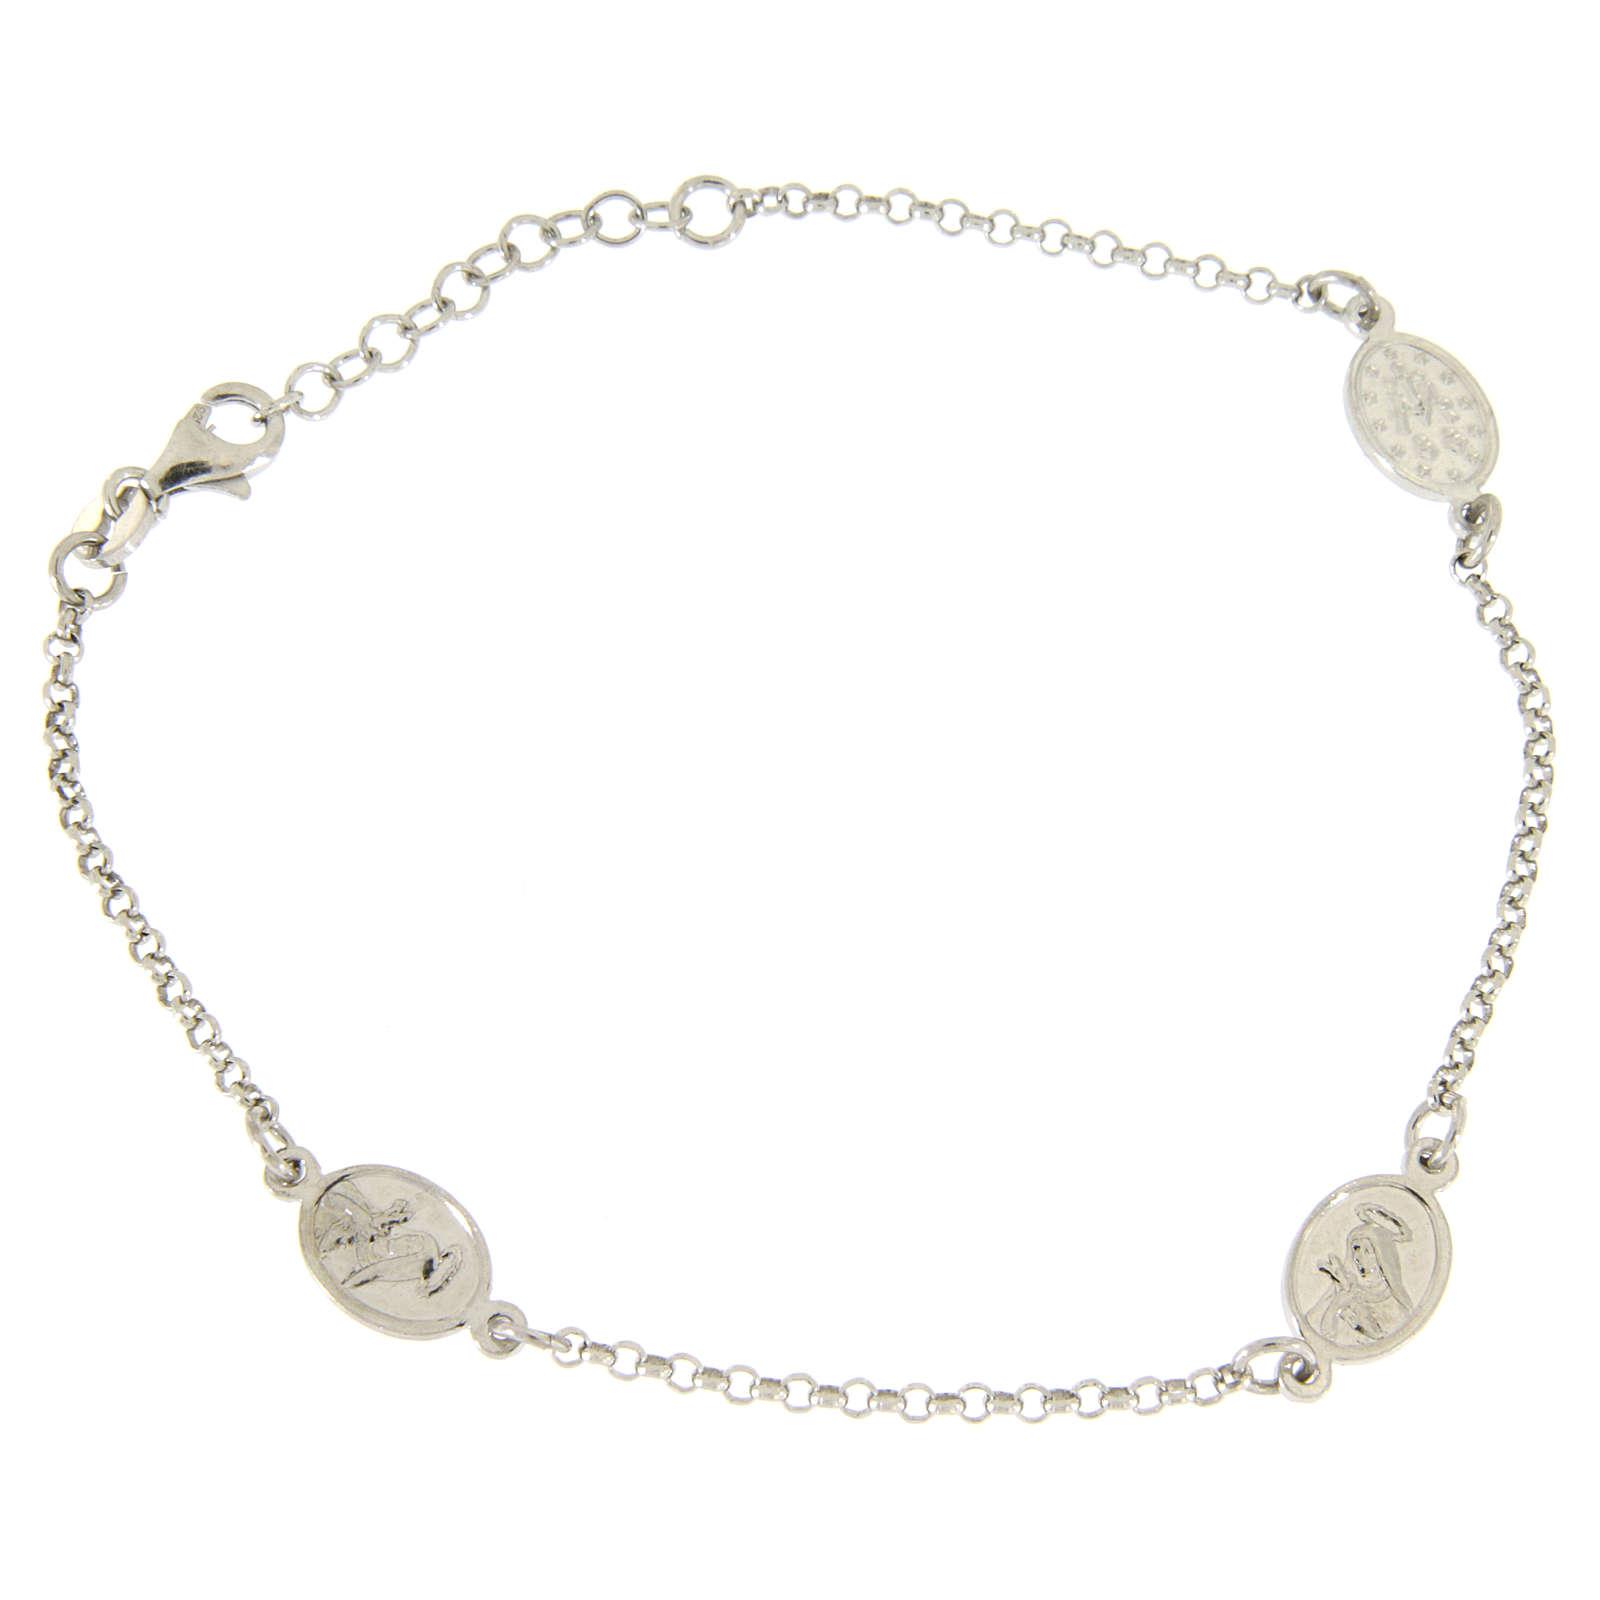 Bracciale con medagliette applicate in linea argento 925 4